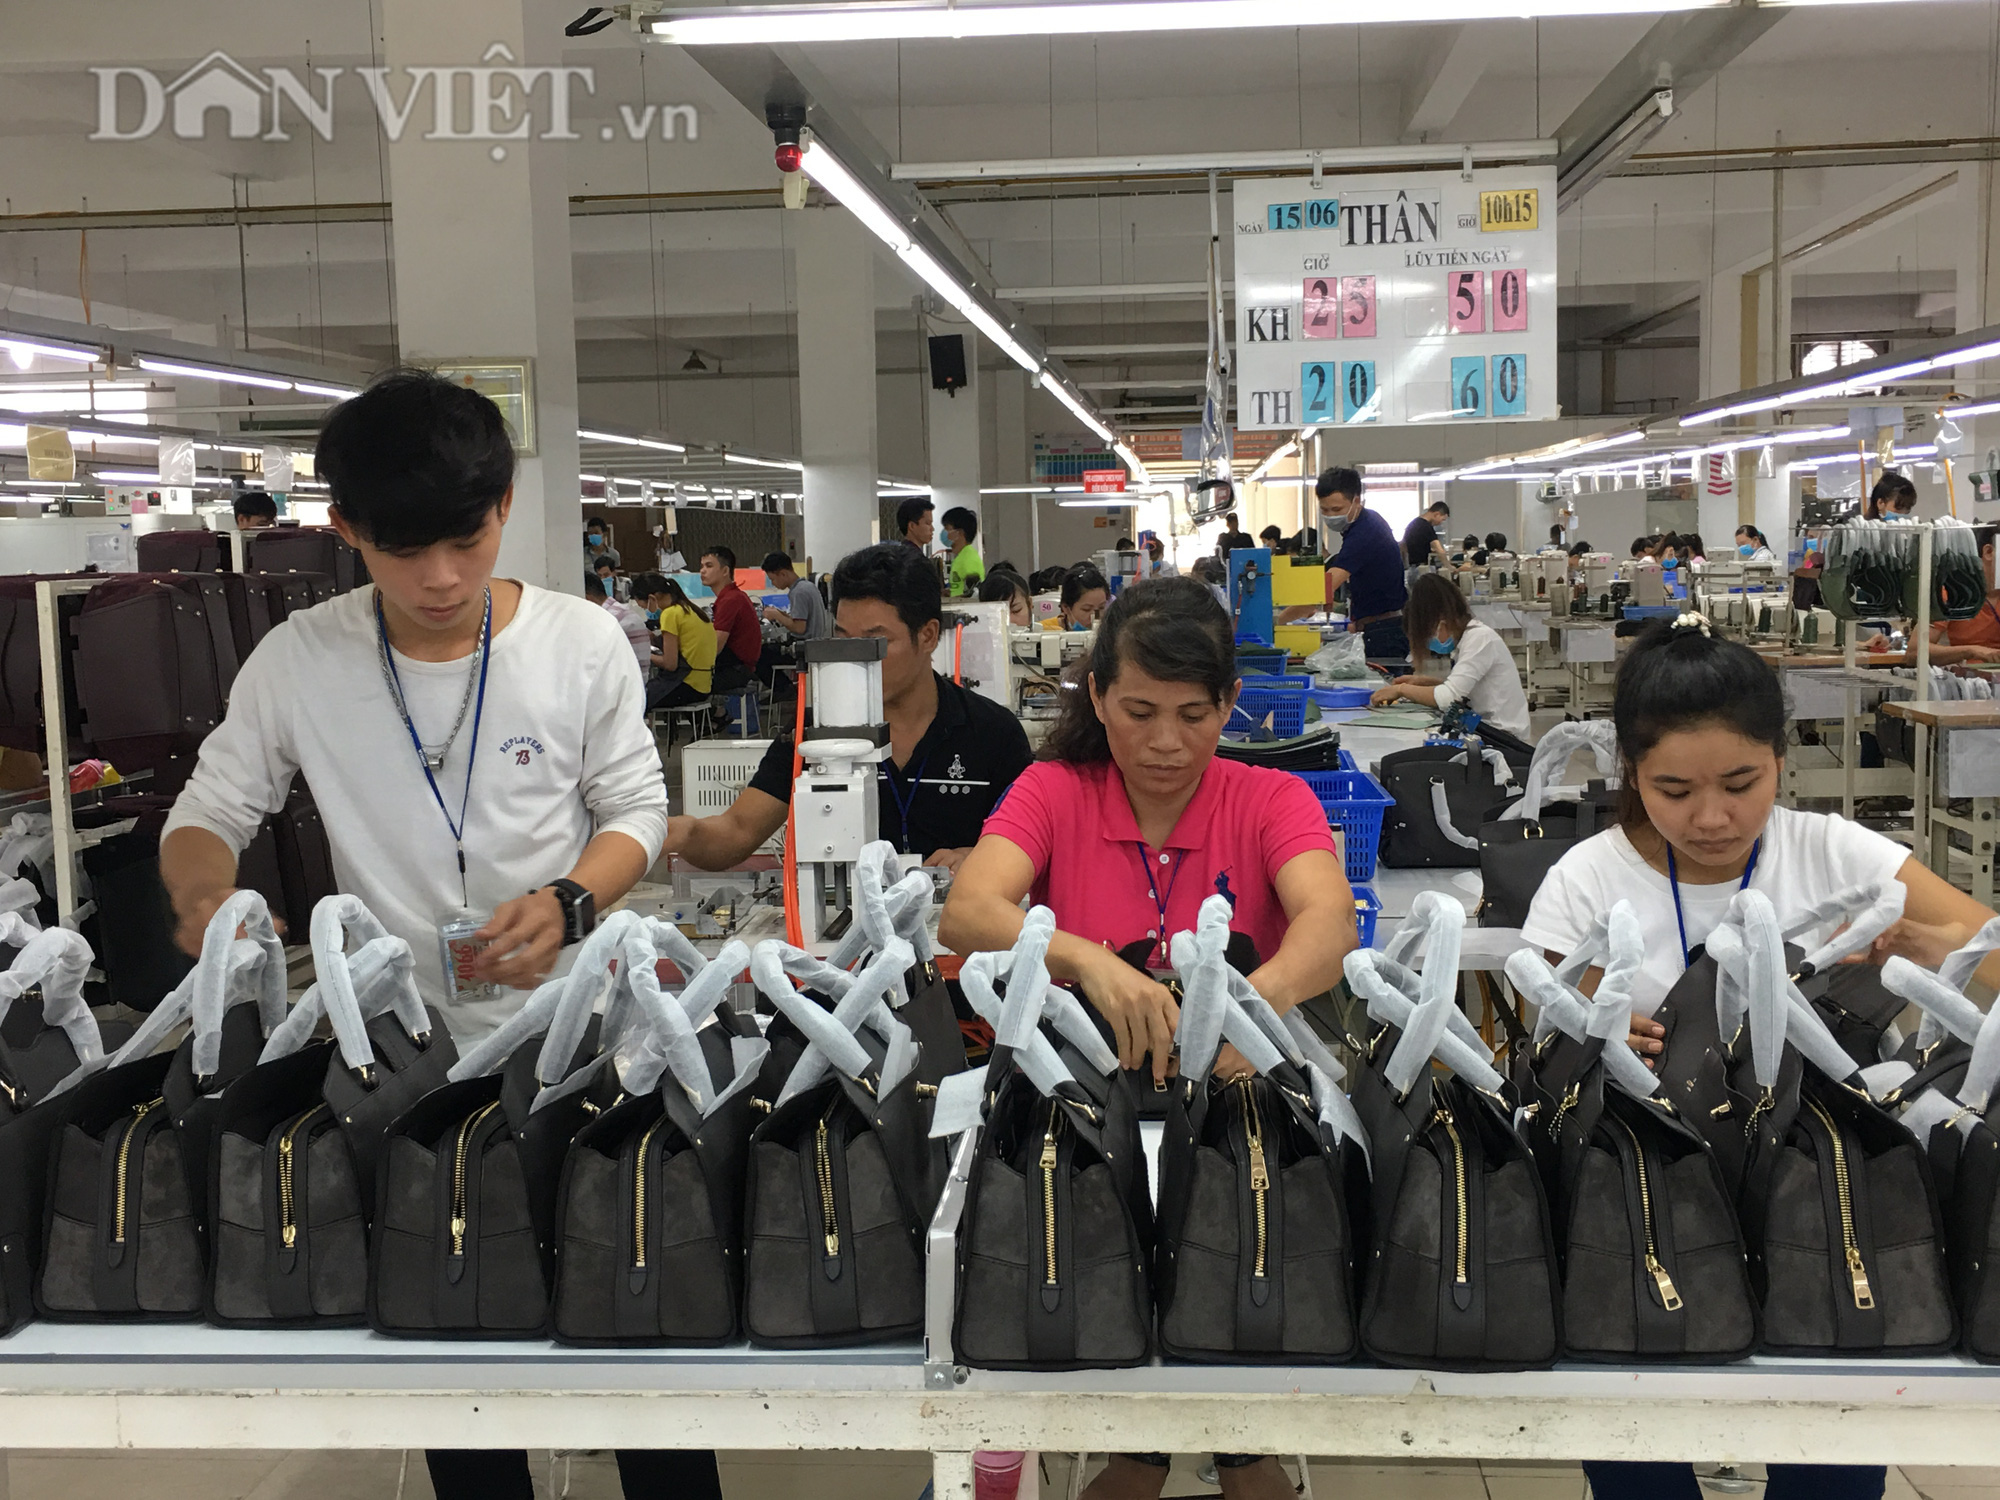 Xuất khẩu giày dép Việt Nam năm 2020 sẽ trên 20 tỷ USD - Ảnh 1.